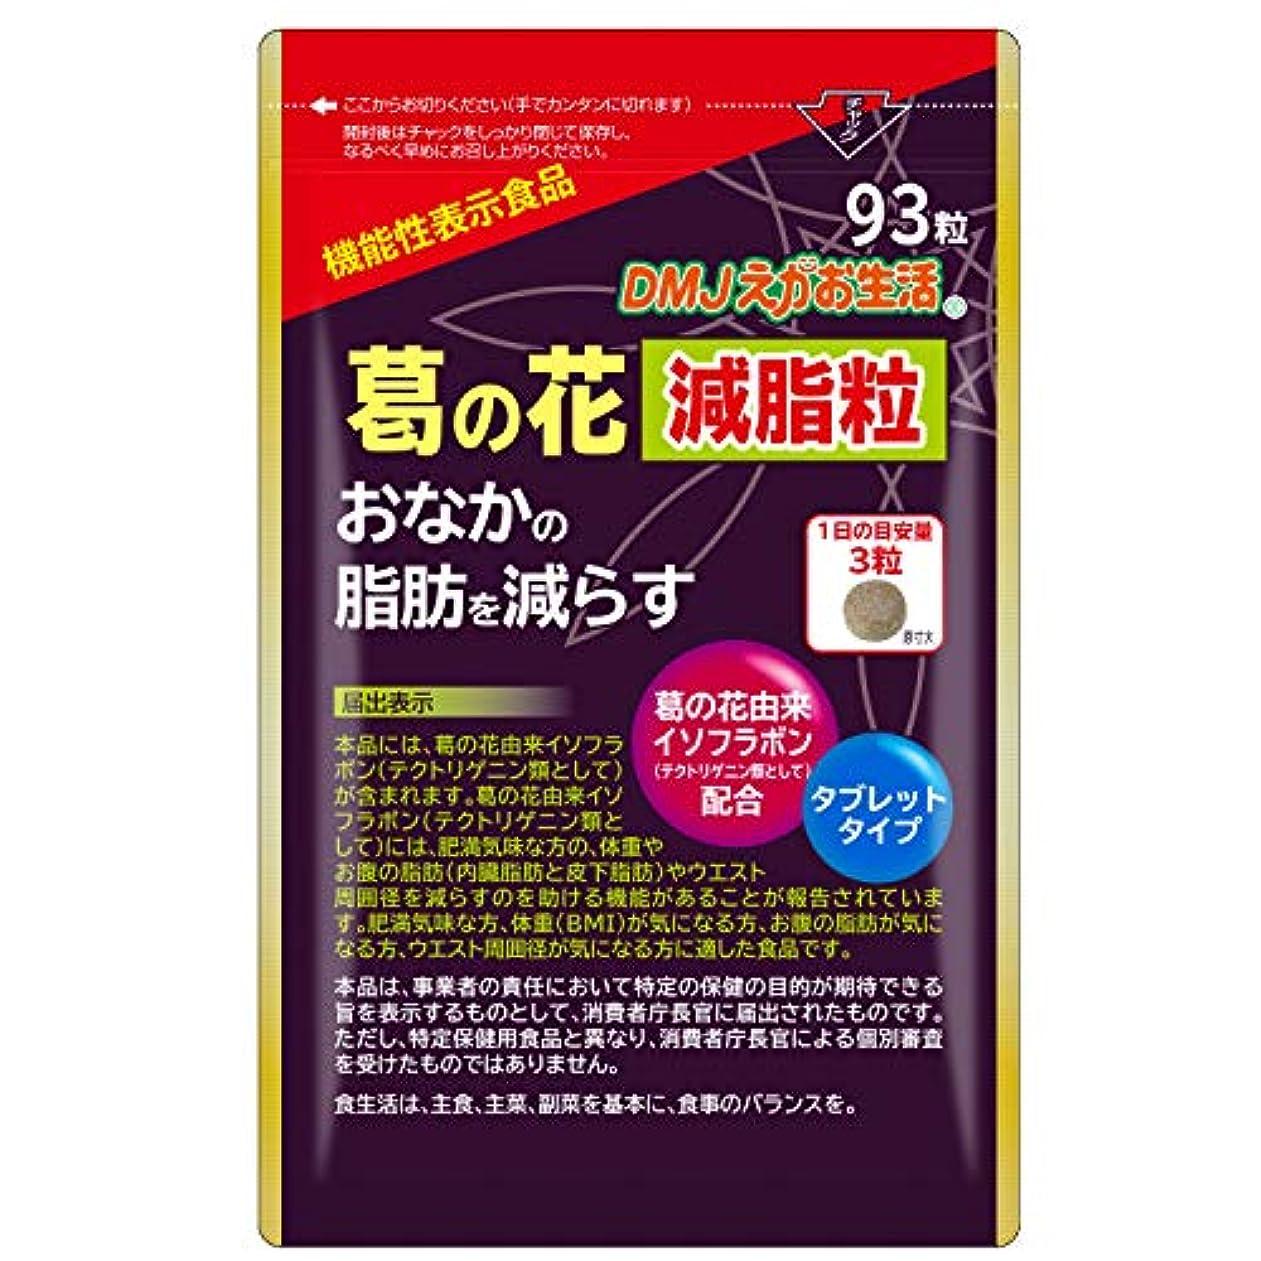 切手更新下位葛の花減脂粒 [体重ケア サプリメント/DMJえがお生活] 葛の花イソフラボン含有 内臓脂肪 (機能性表示食品) 肥満 日本製 31日分